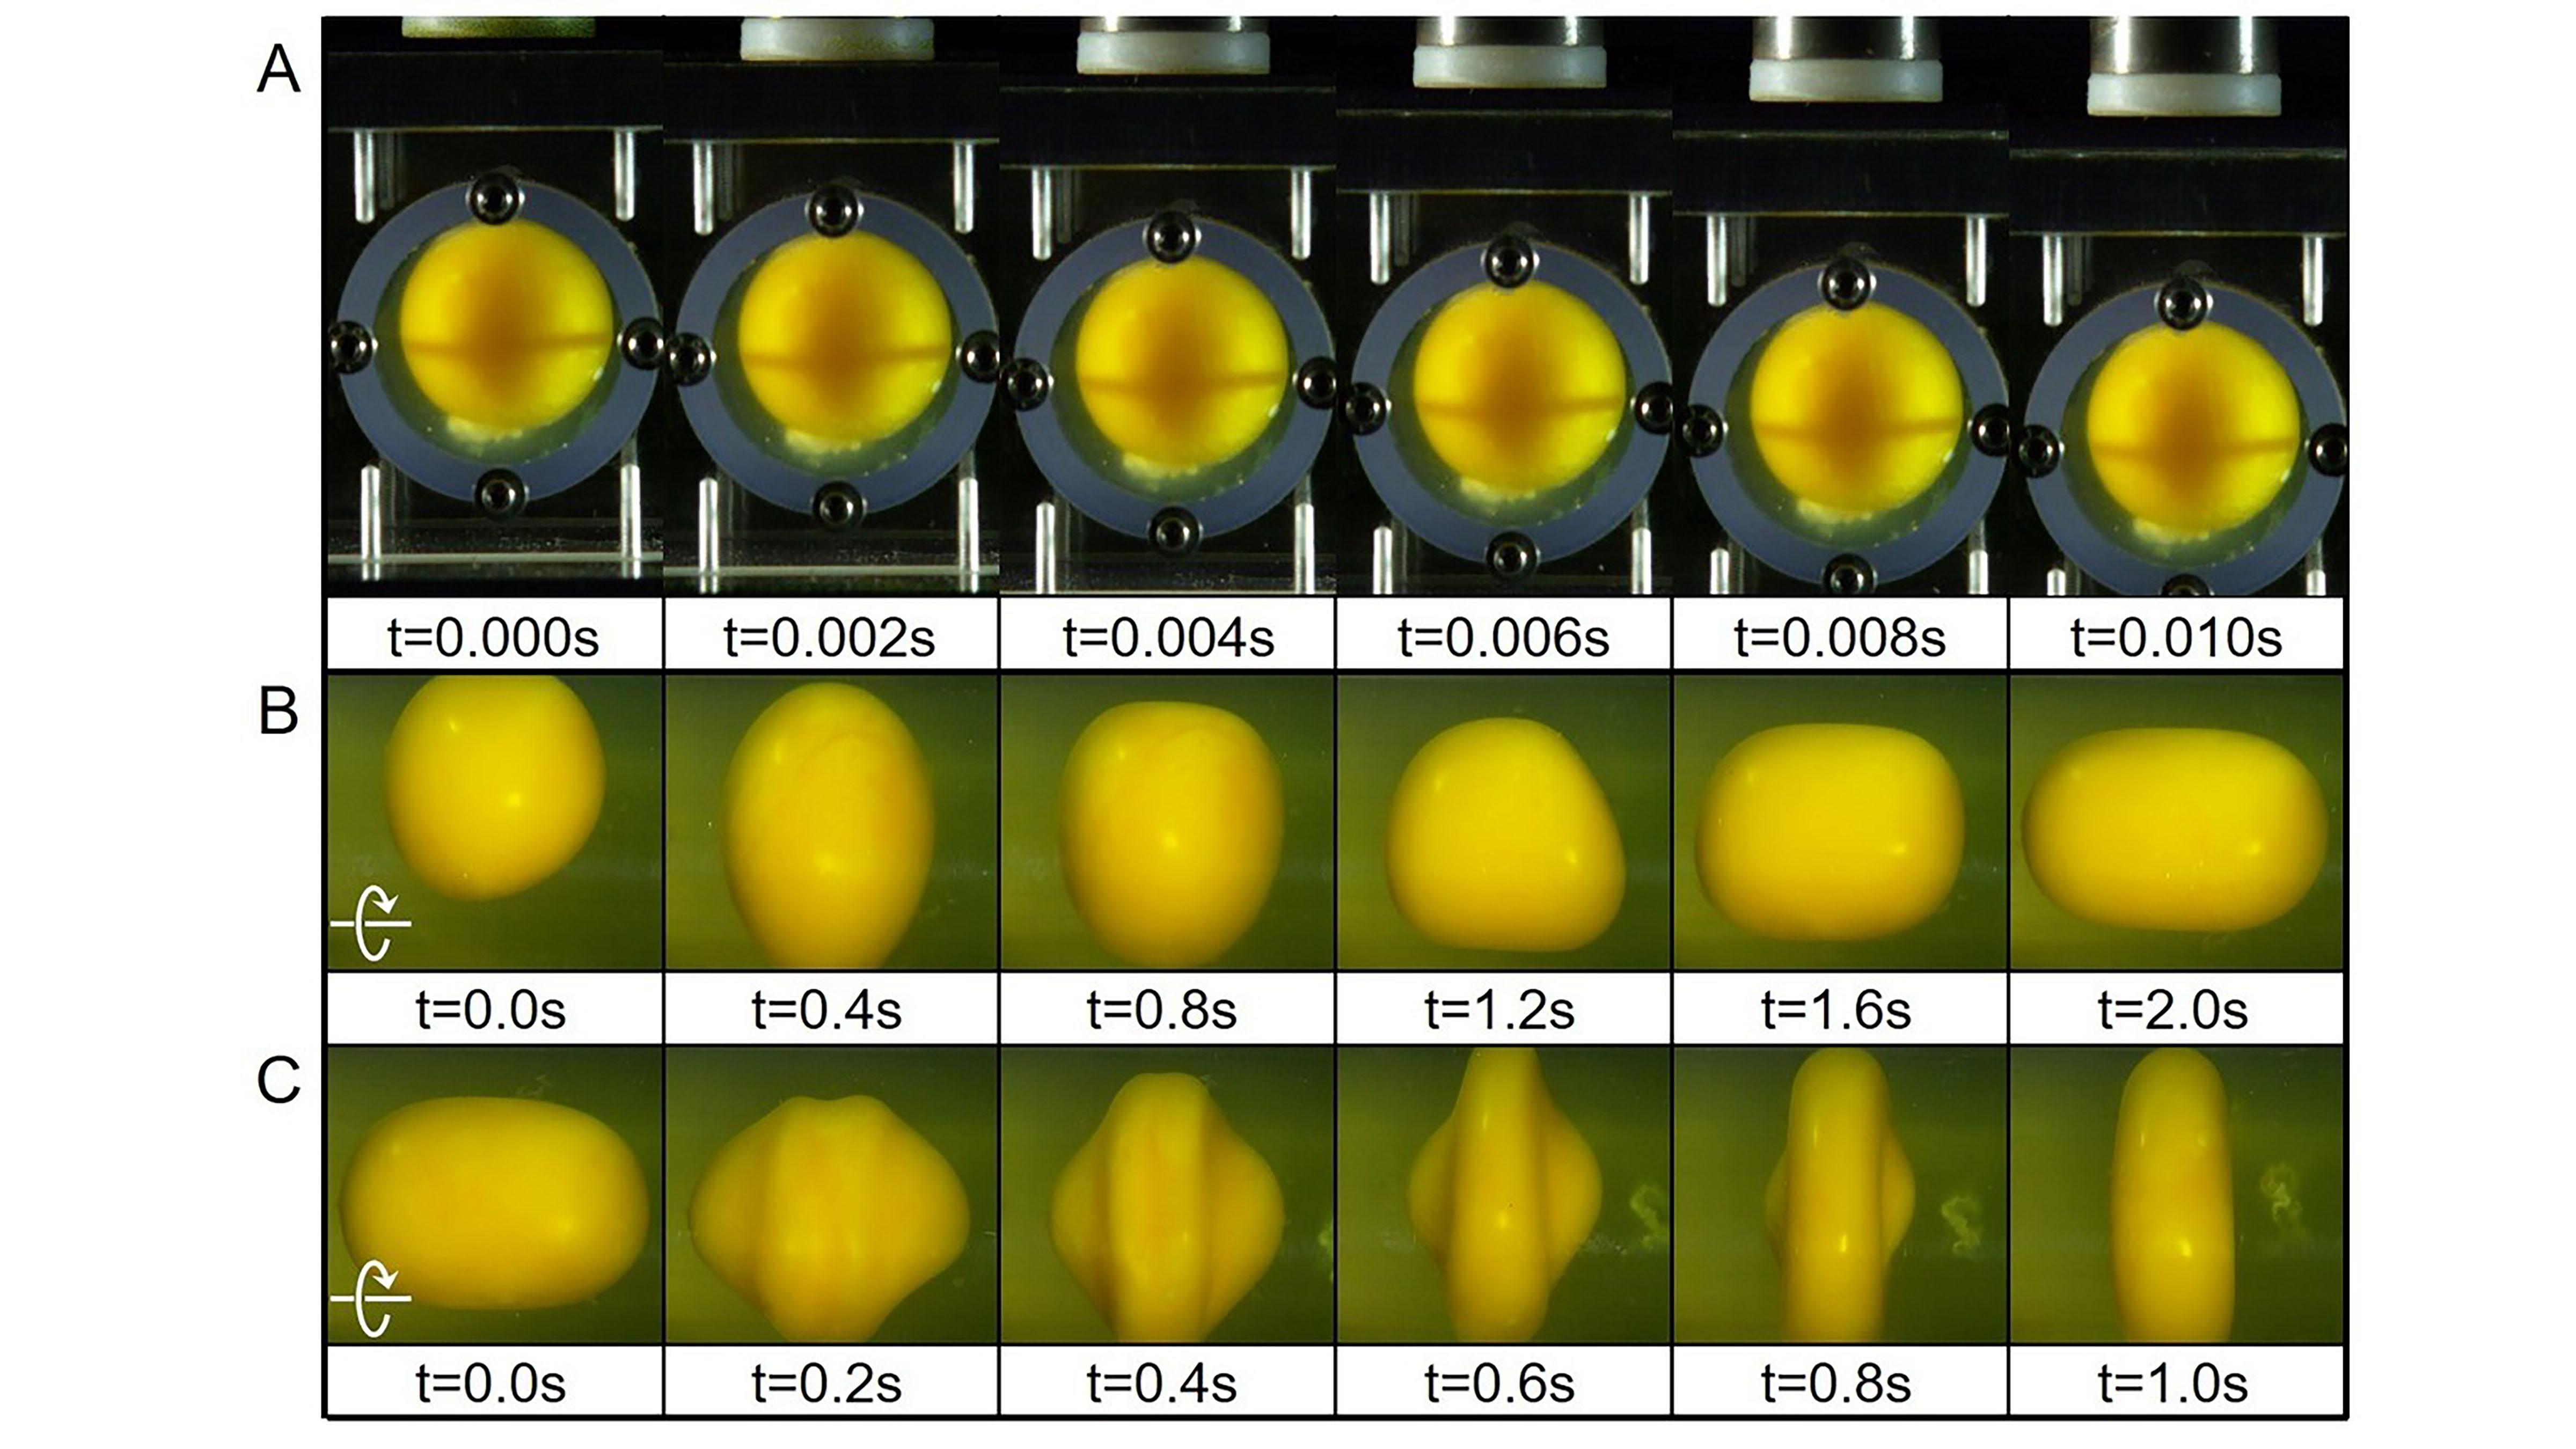 Images des blancs et jaunes d'œufs lors de différentes expériences.  La rangée supérieure d'images montre la chute du marteau, là où le jaune ne s'est pas déformé.  La deuxième / rangée du milieu montre la rotation d'accélération, où le jaune s'étire horizontalement.  La dernière / dernière rangée montre la décélération, où le jaune devient un disque vertical plat.